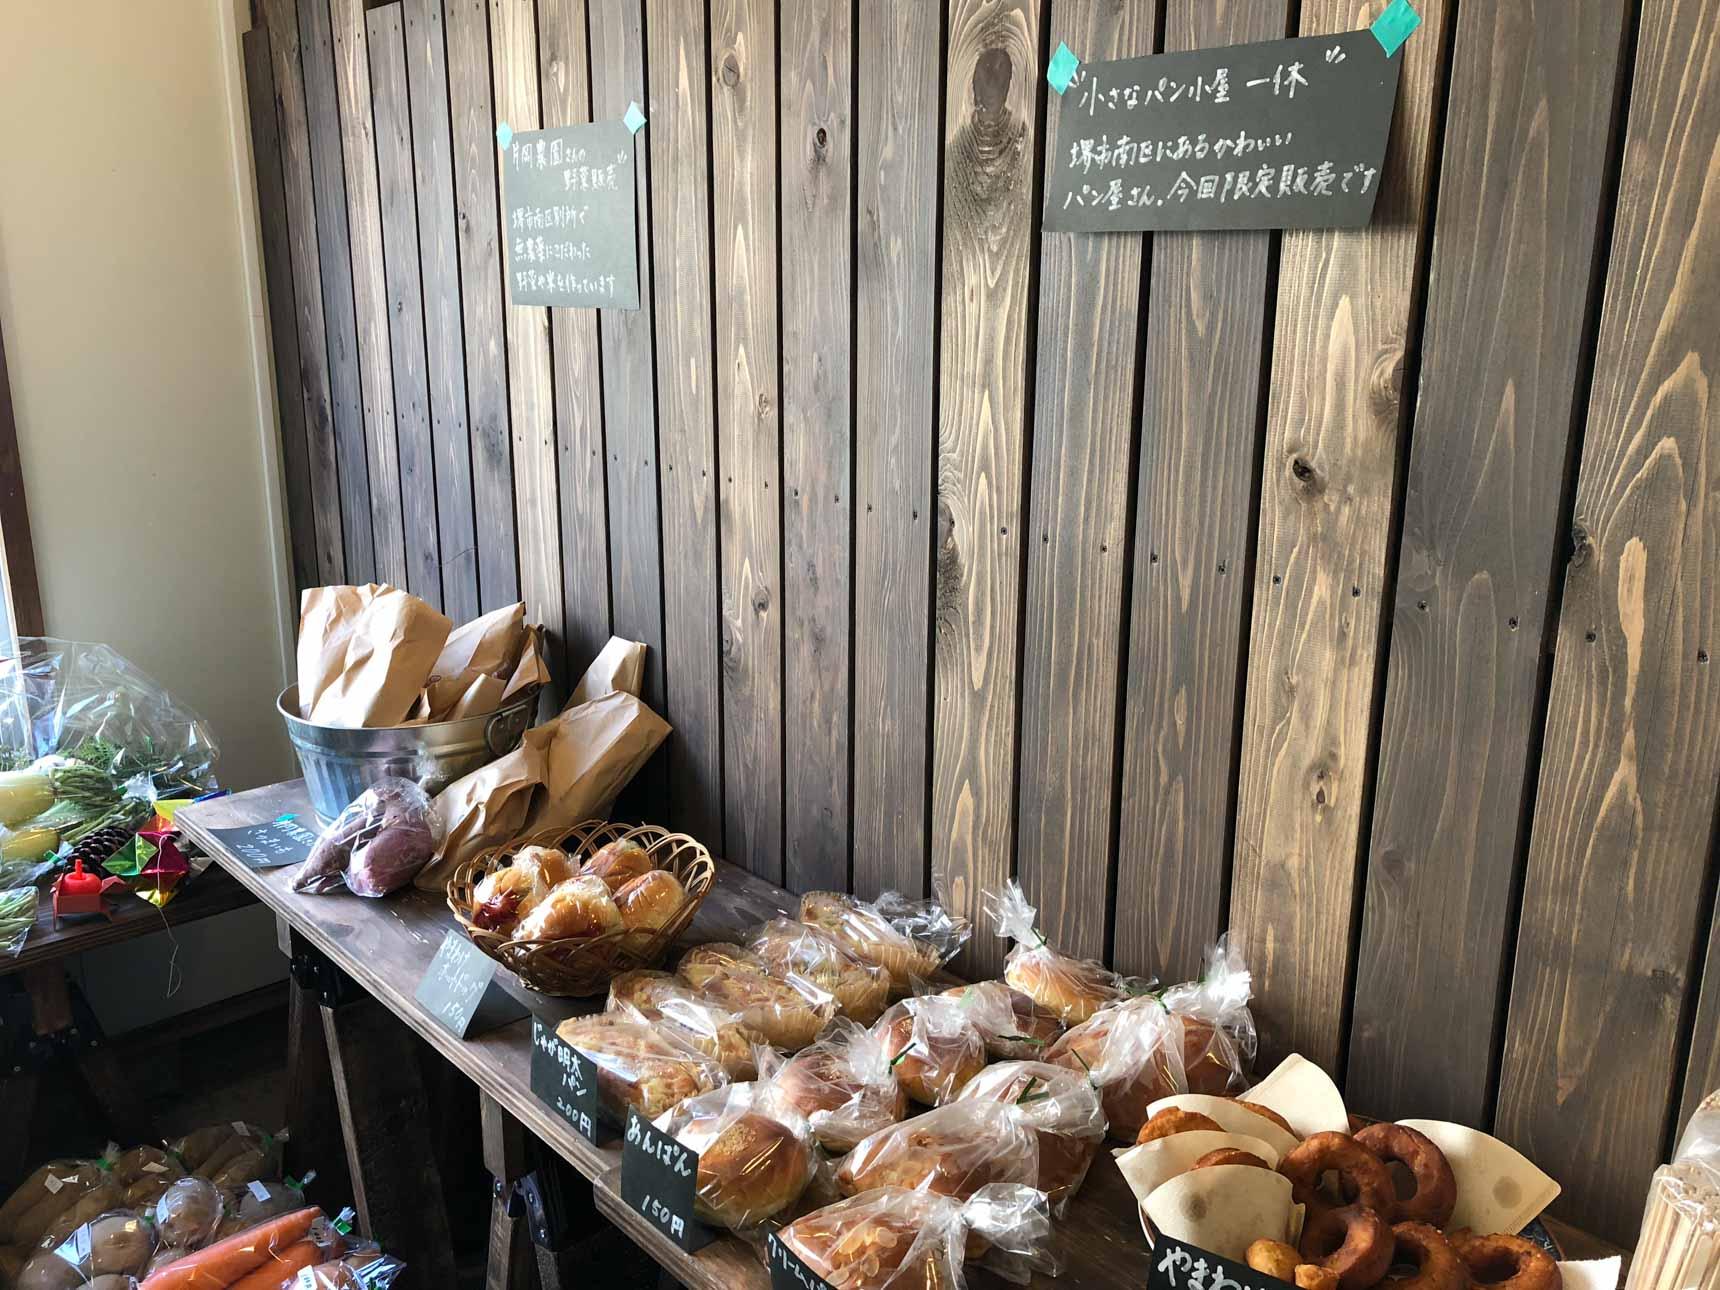 お惣菜だけでなく、パン屋さんなど近所にあるお店のアンテナショップにもなっています。